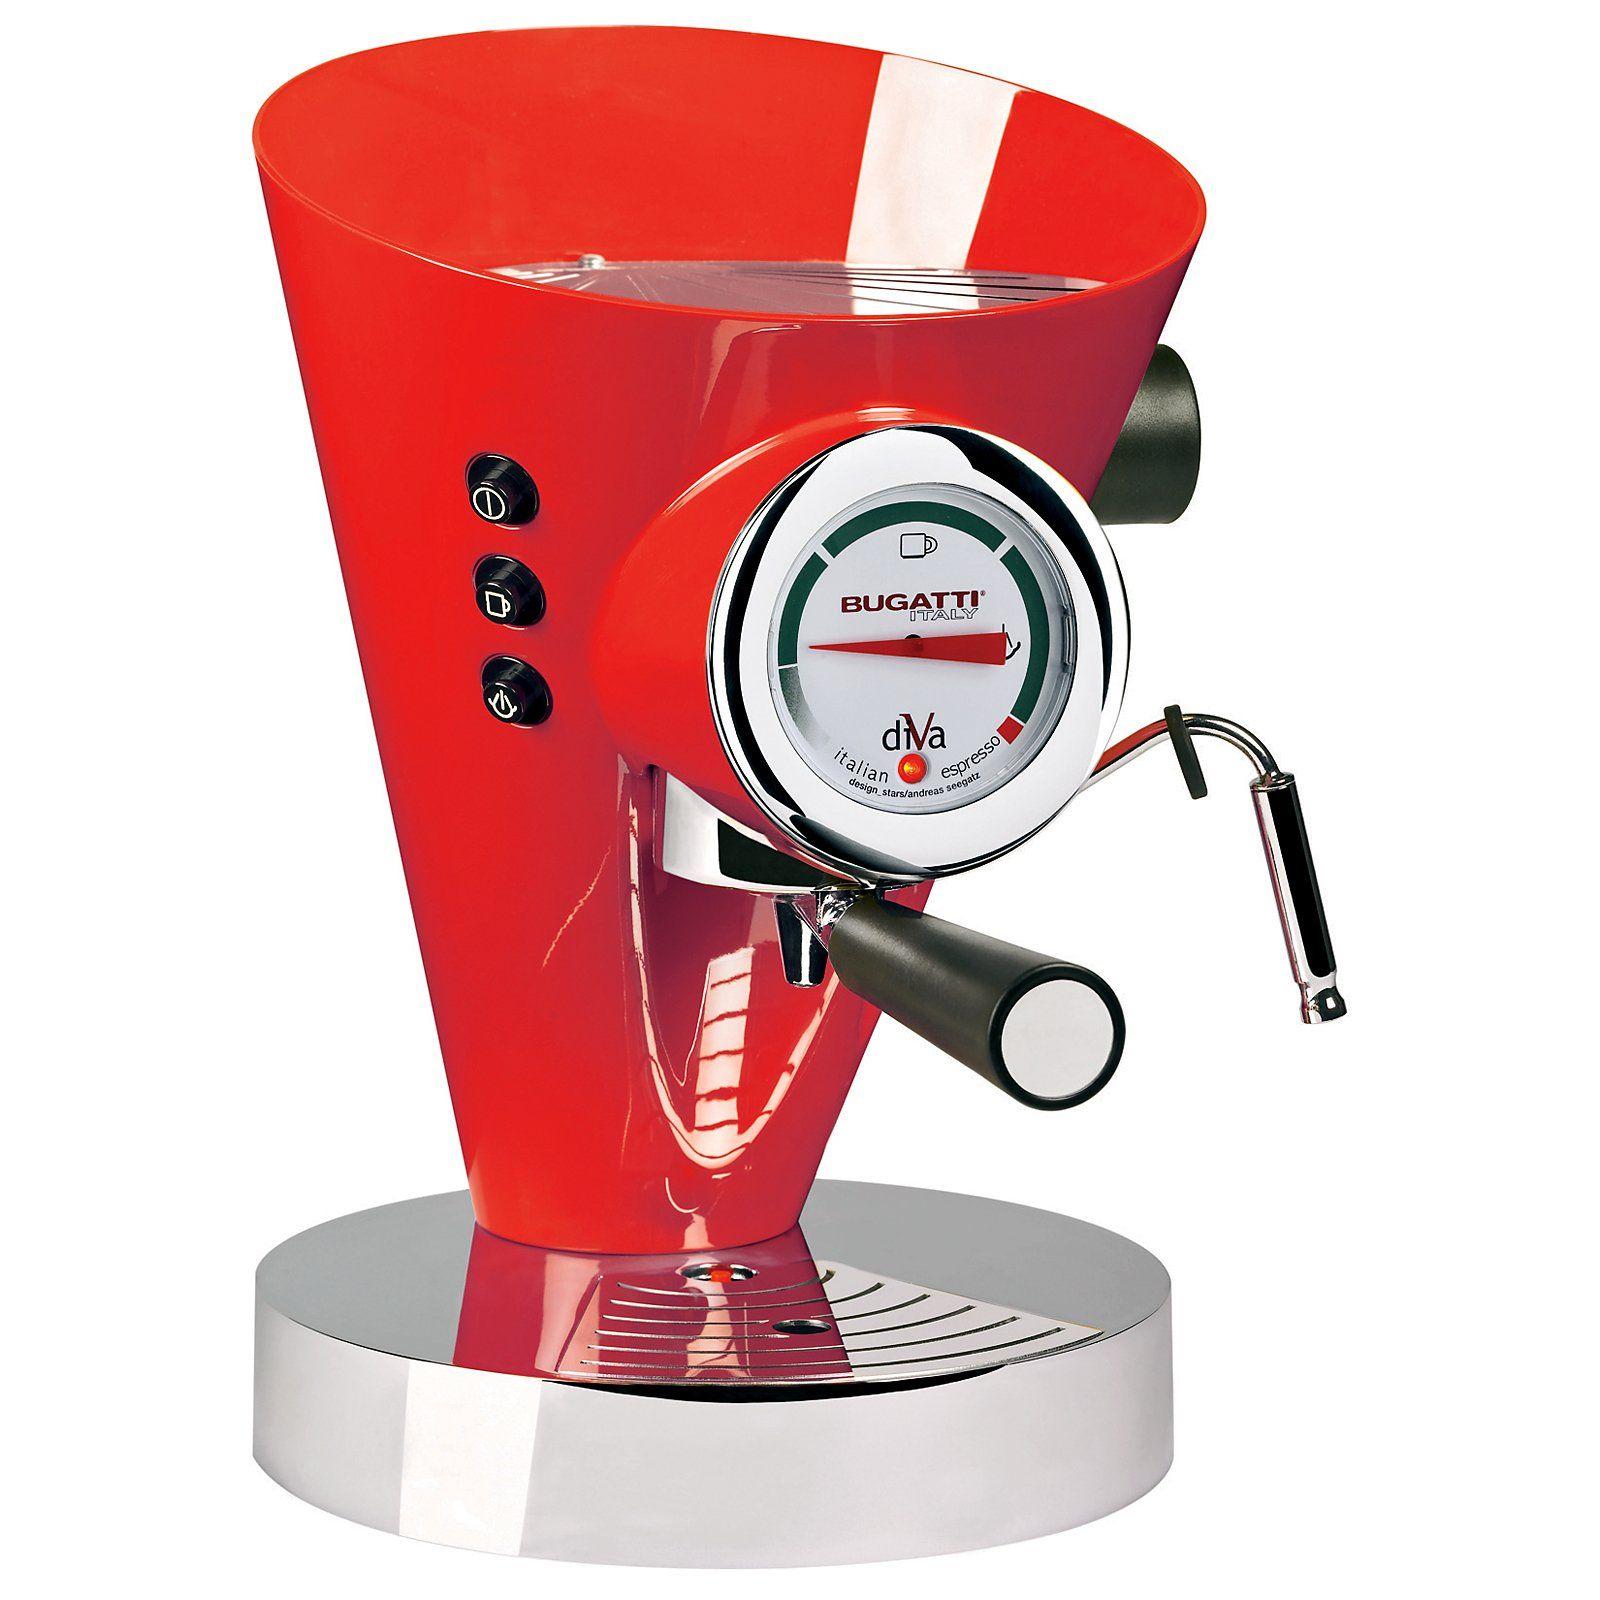 Bugatti coffee maker Divas, Café espresso e Bugatti